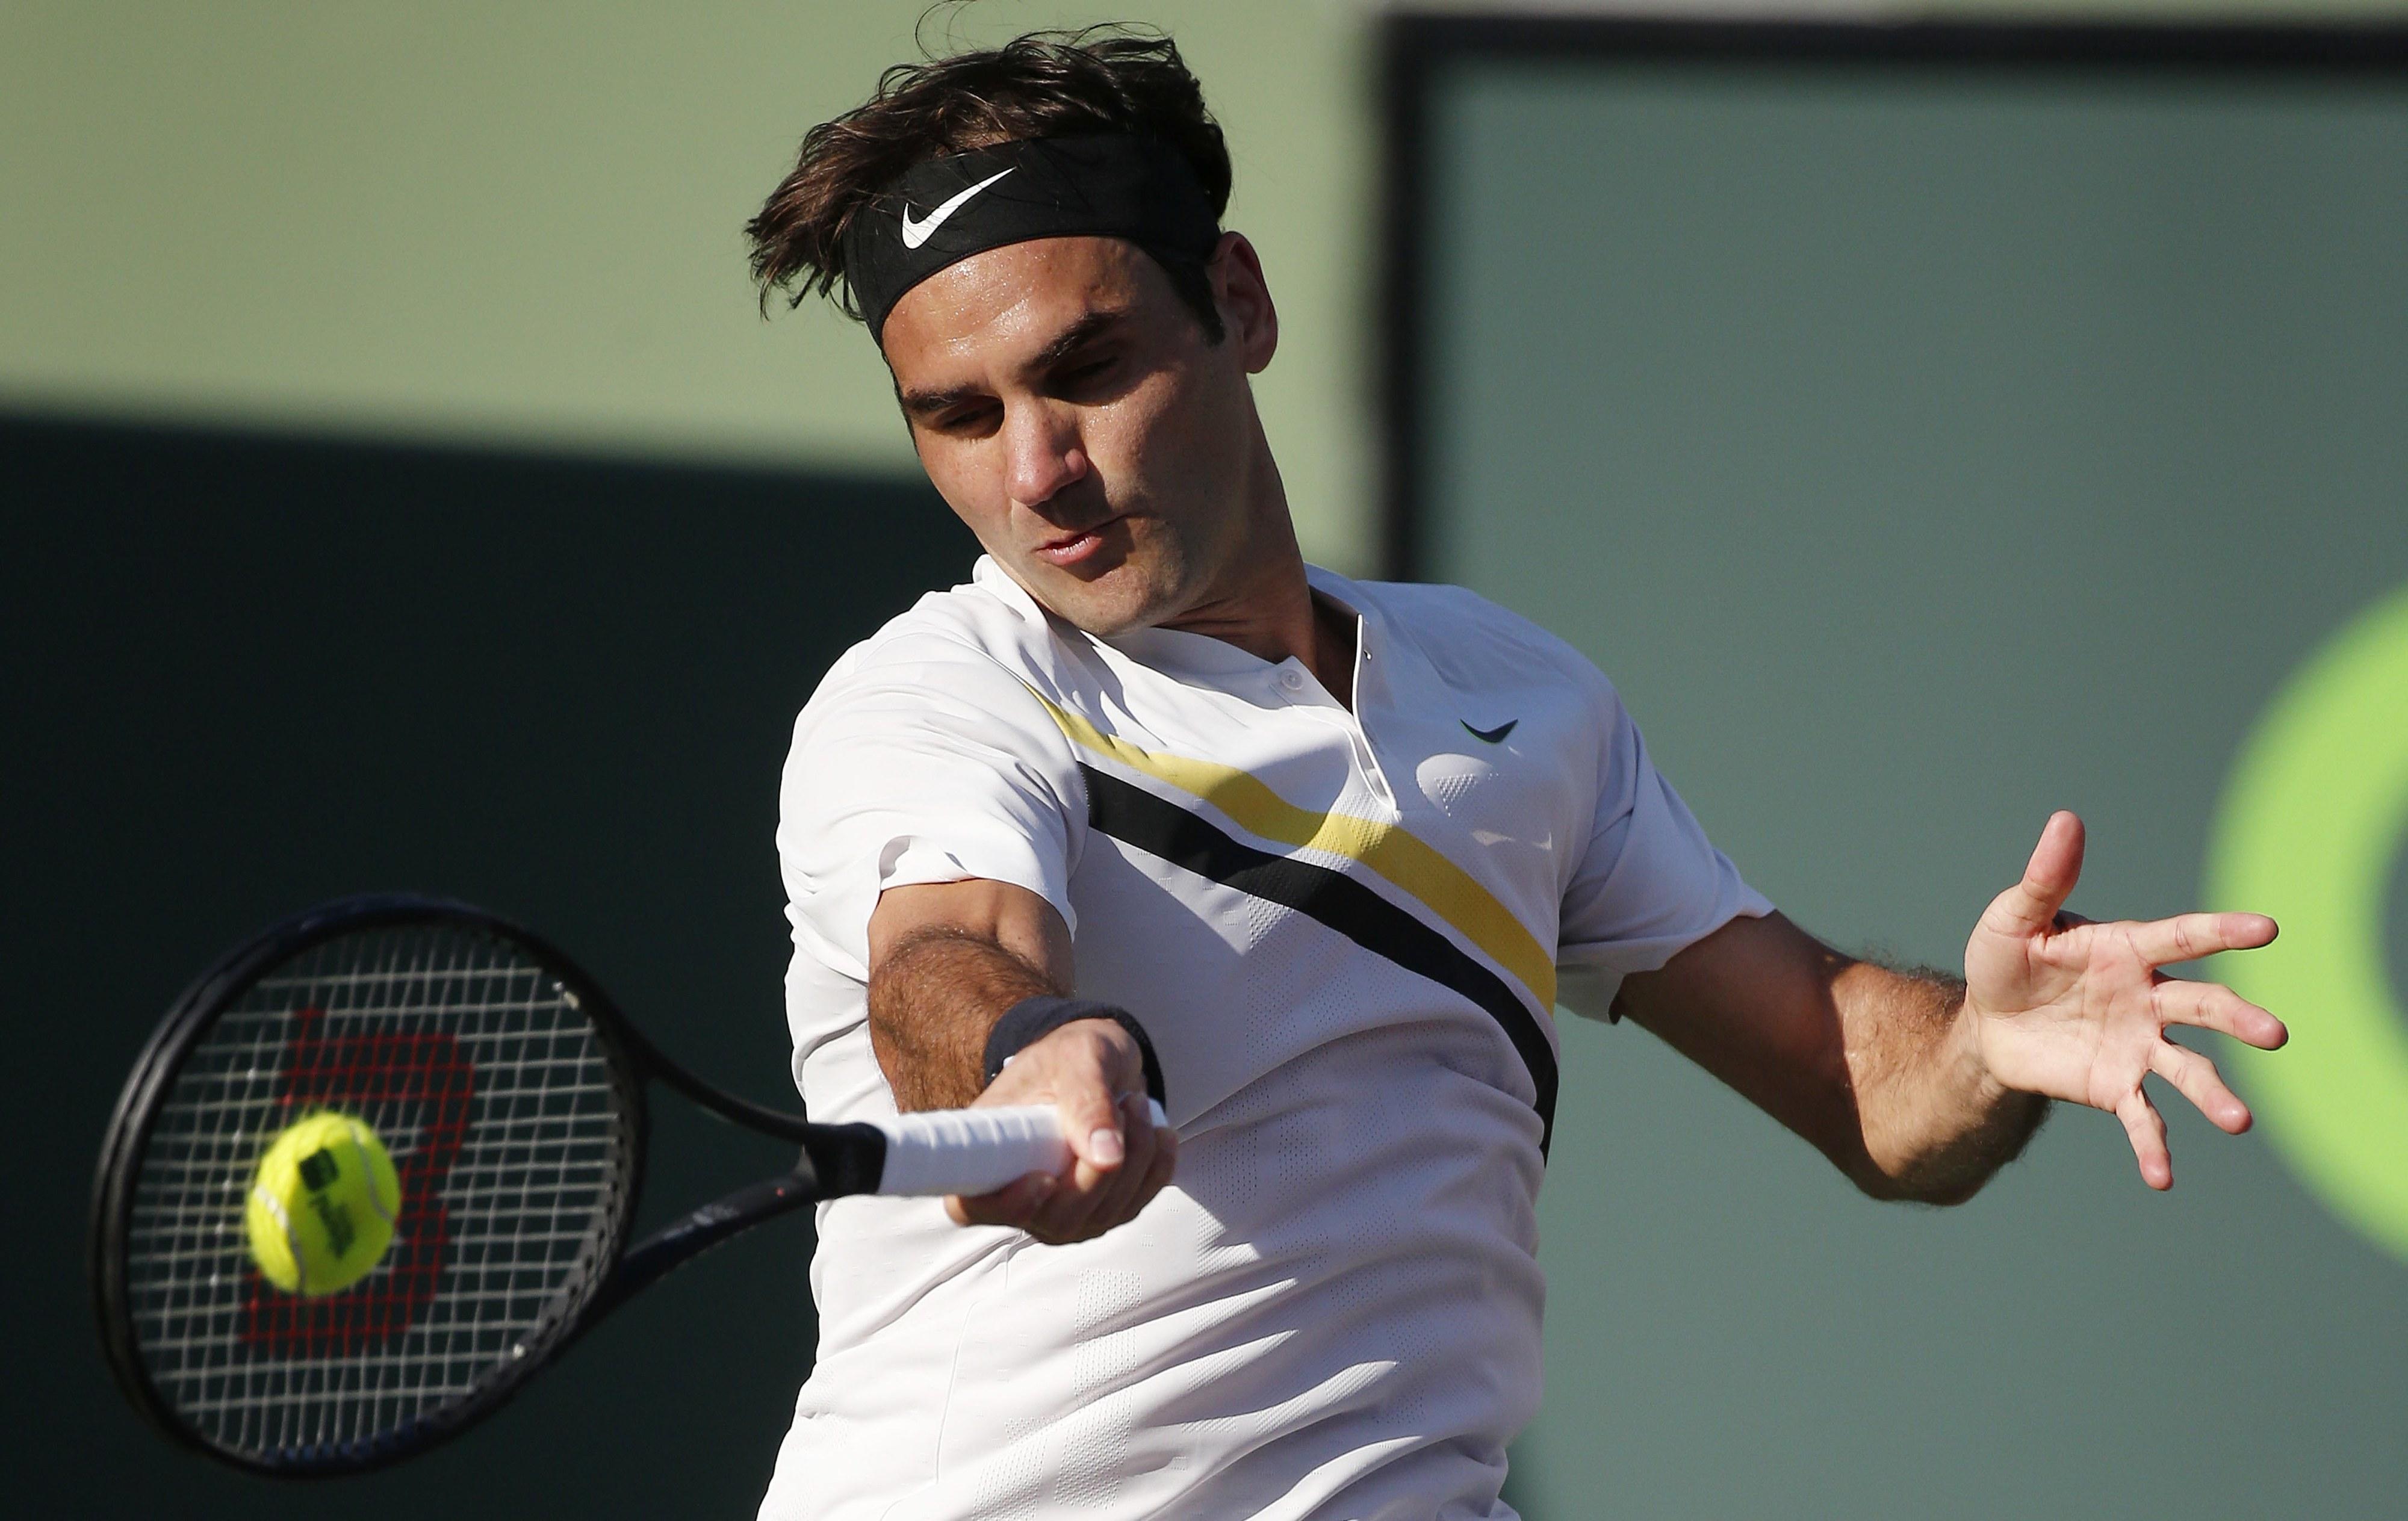 Federer salva dois 'match points' com Paire e segue para os 'quartos' em Halle